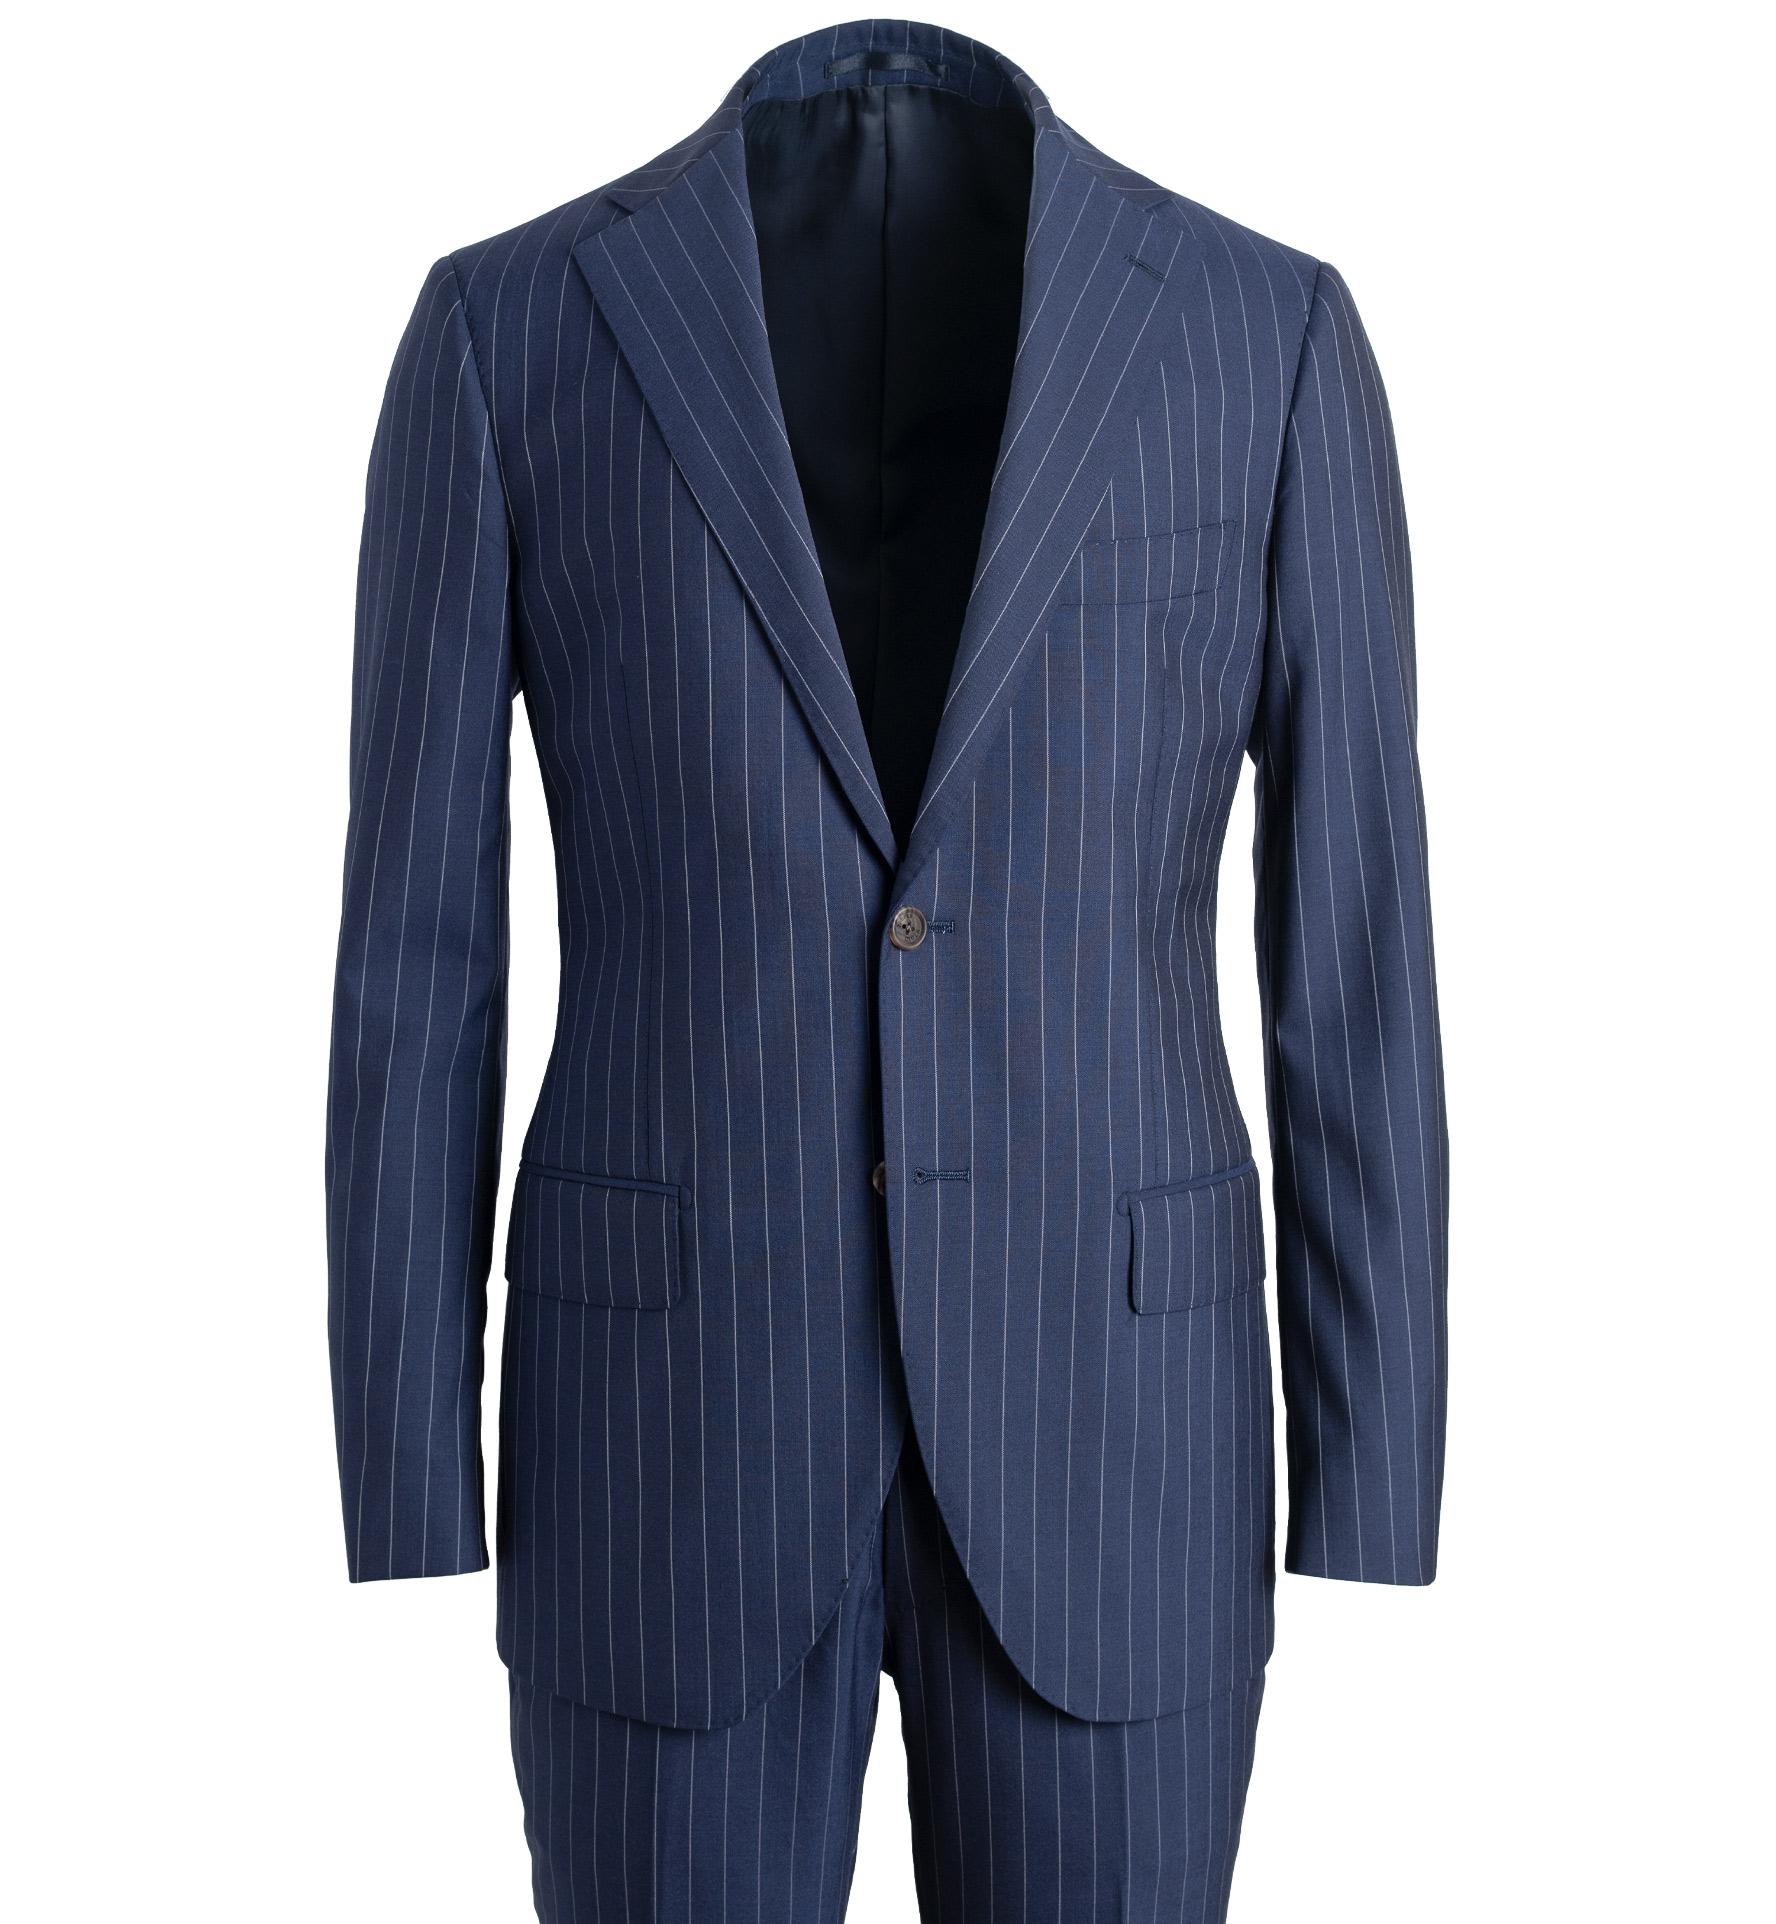 Zoom Image of Allen Navy S130s Pinstripe Tropical Wool Suit